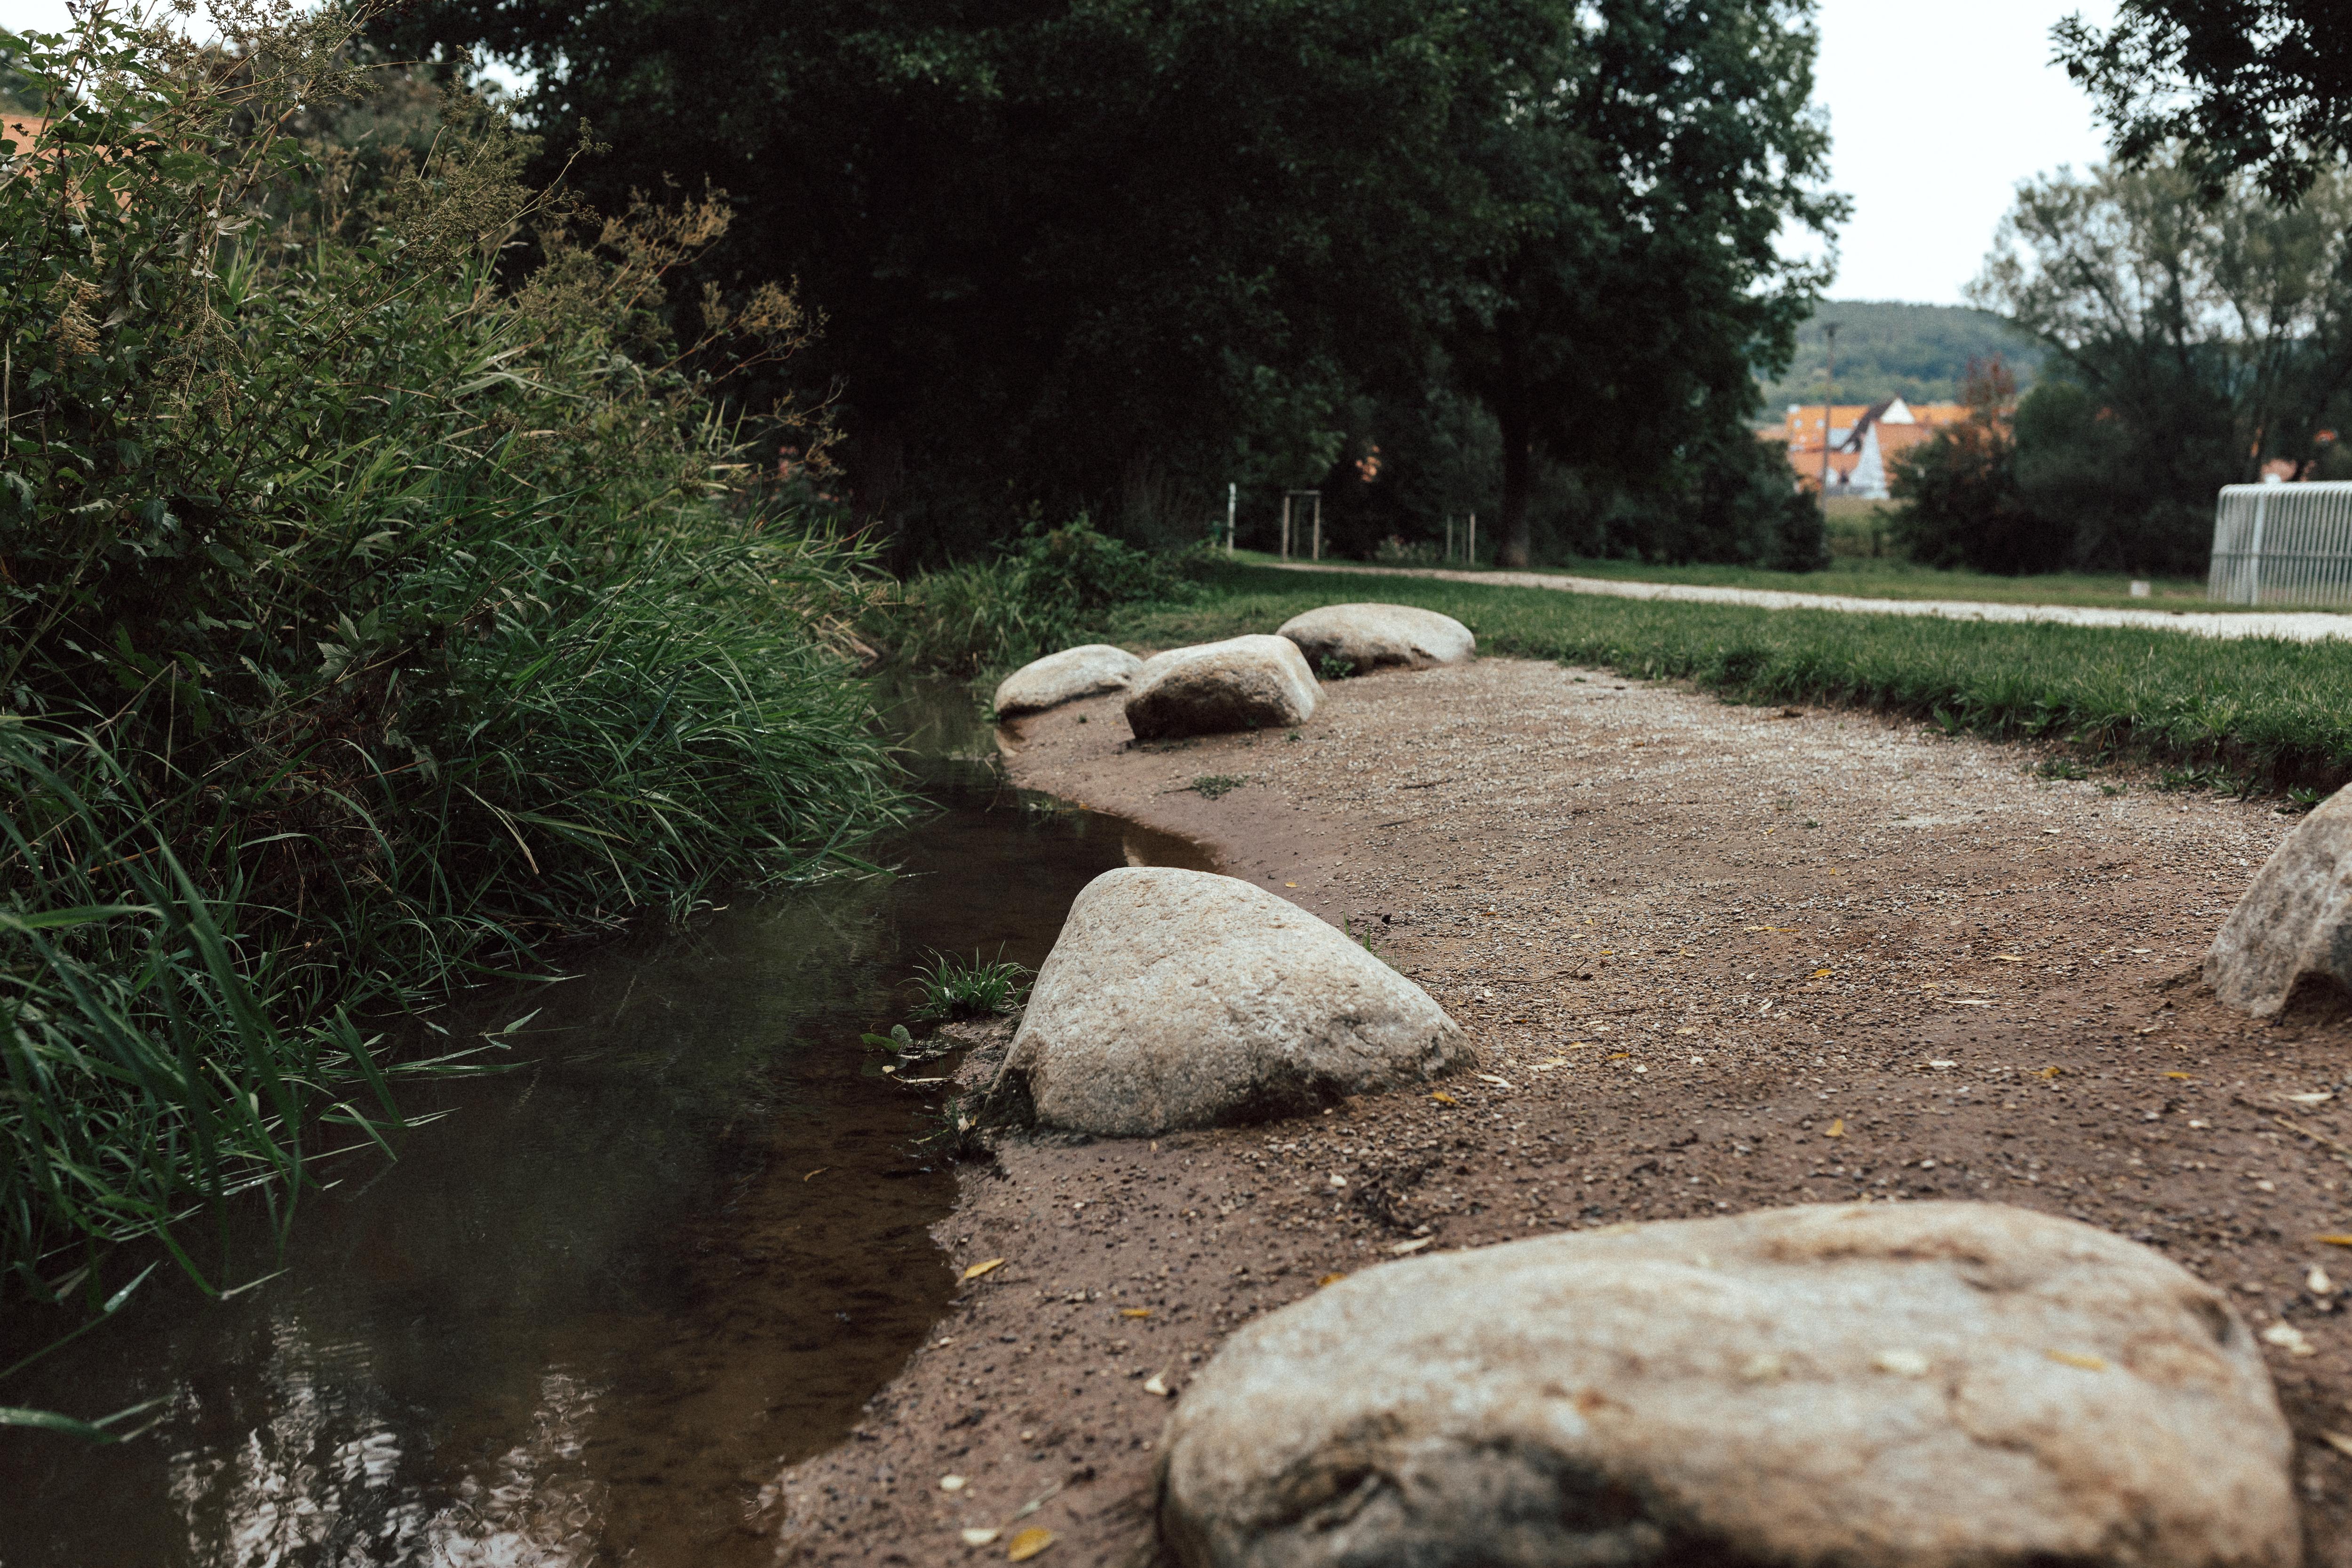 URBANERIE_Daniela_Goth_Fotografin_Nürnberg_Fürth_Erlangen_Schwabach_170902_004_0036